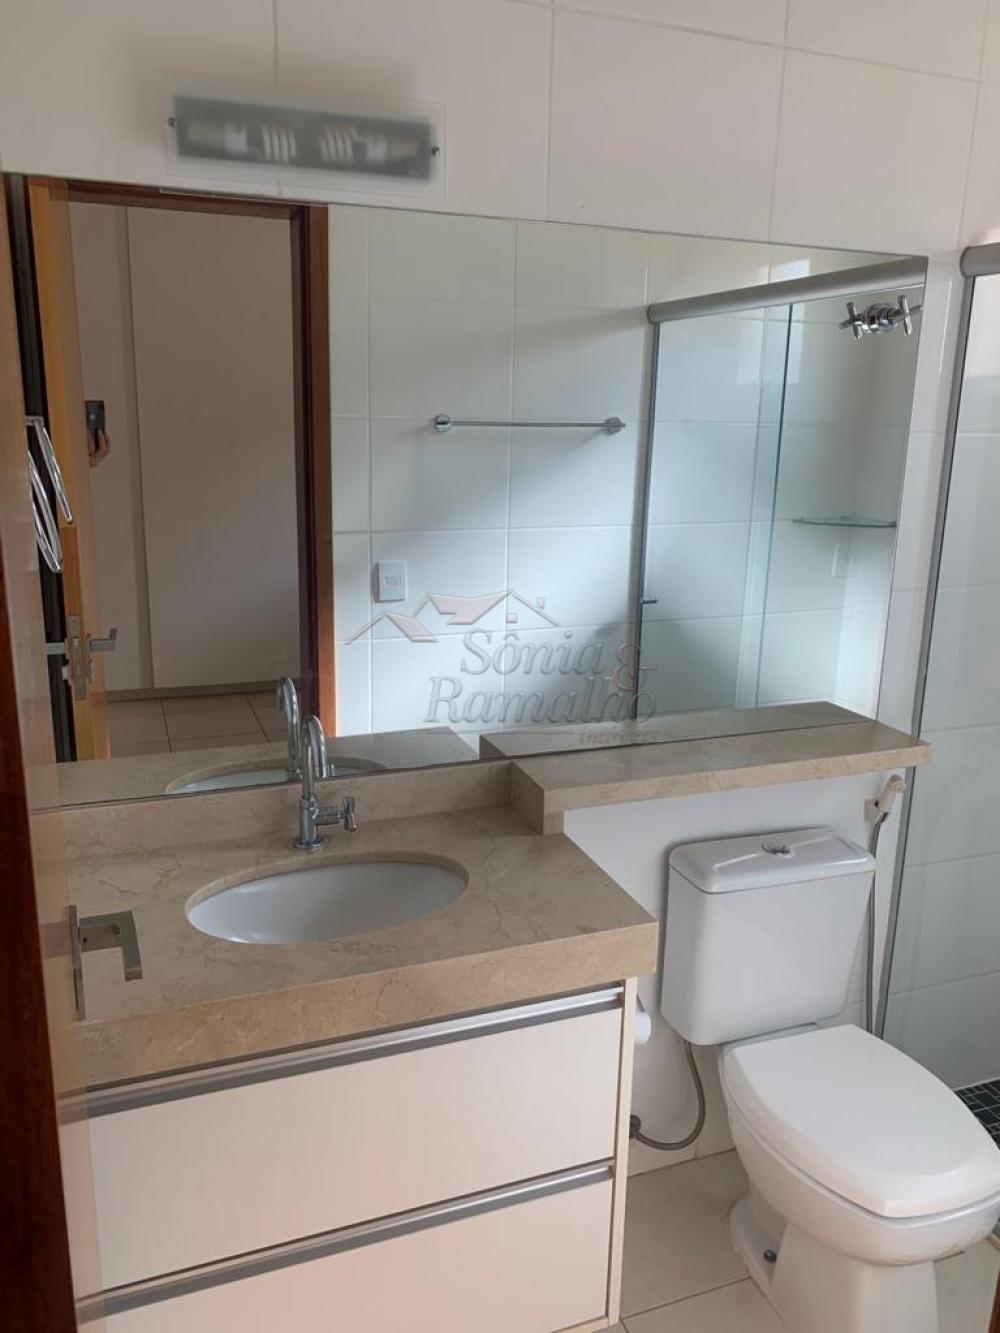 Comprar Apartamentos / Padrão em Ribeirão Preto apenas R$ 490.000,00 - Foto 16